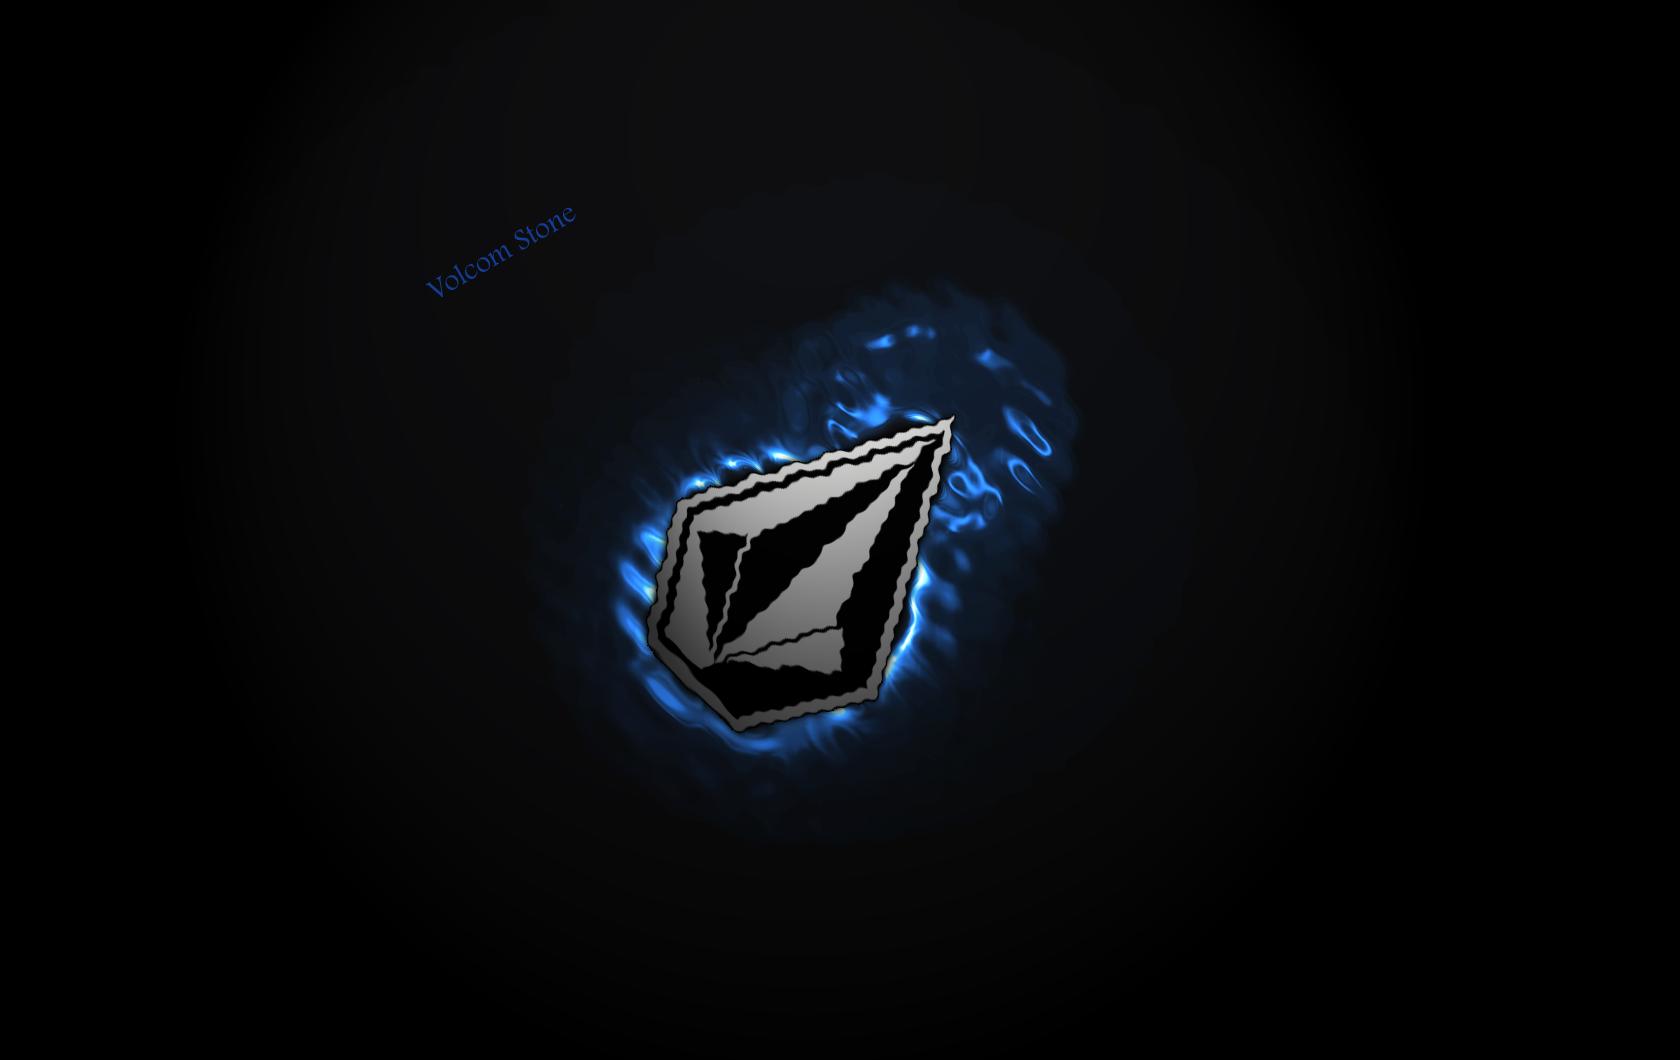 Volcom Logo Wallpaper